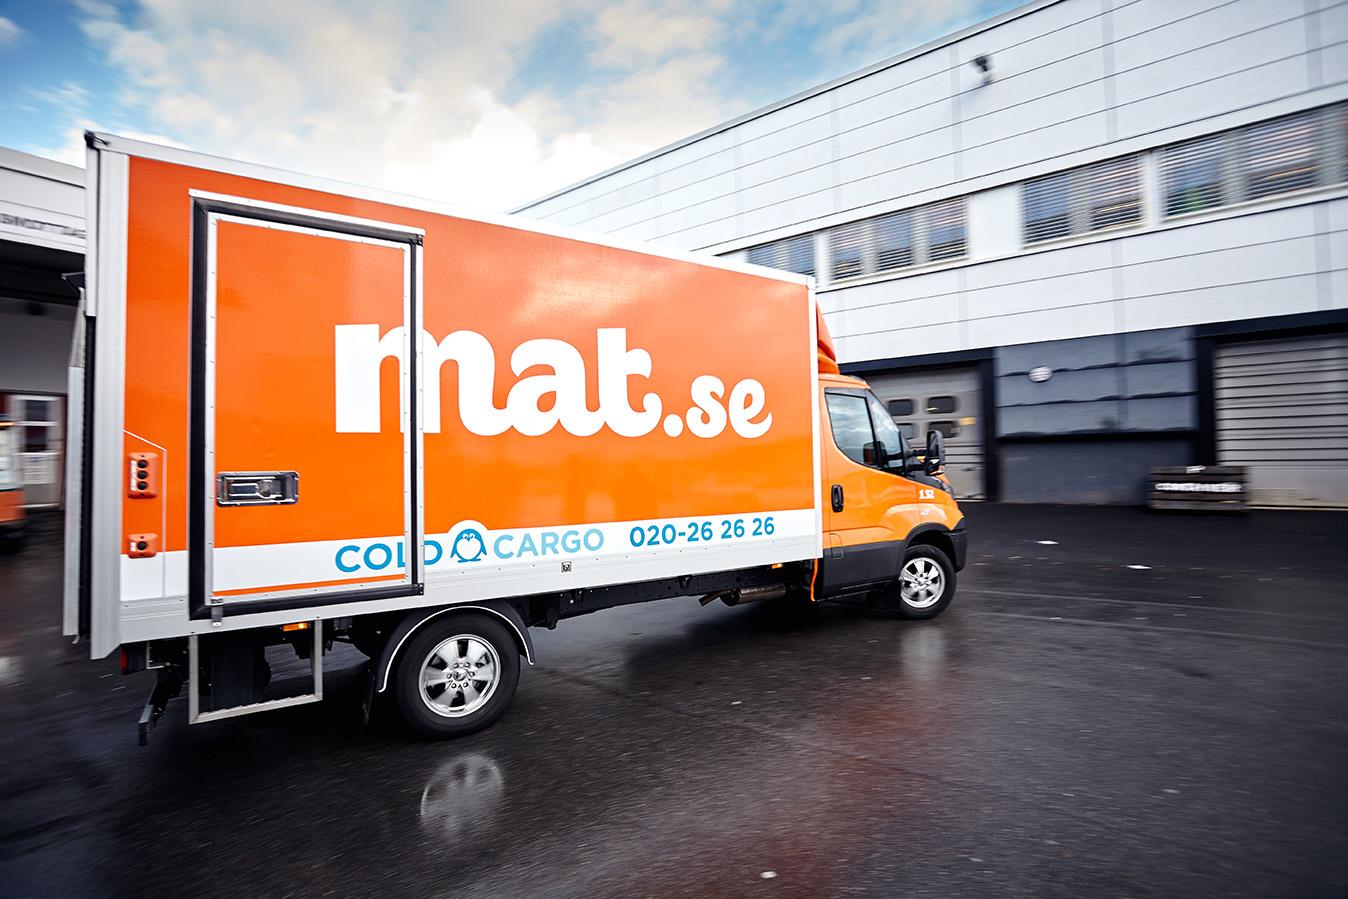 Axfood tar upp nätmats-kampen - budar på Mat.se